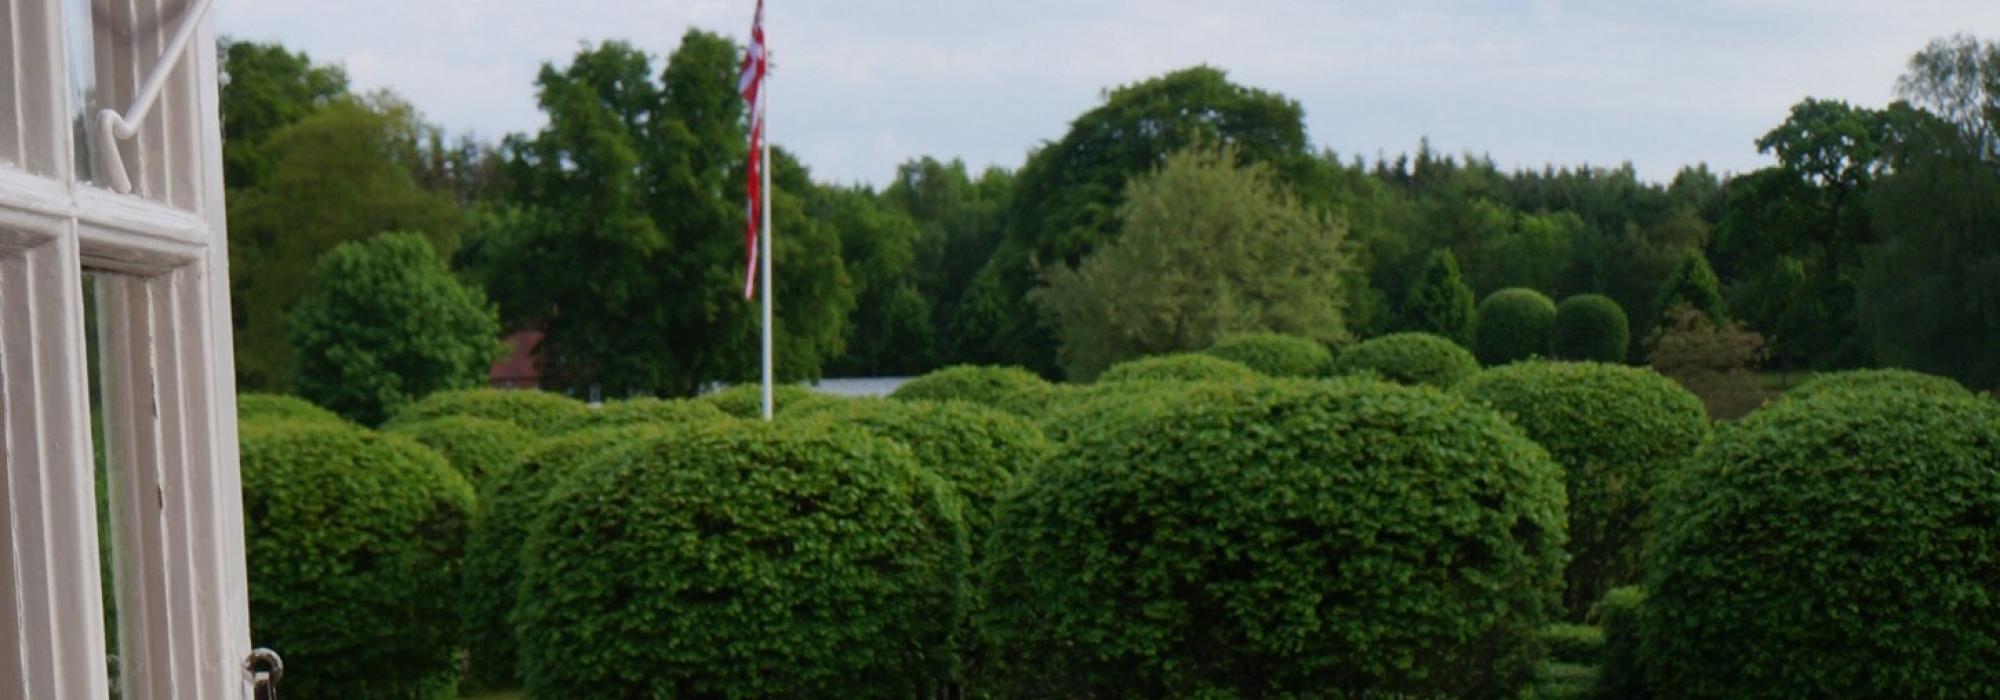 Visborggaard Slot